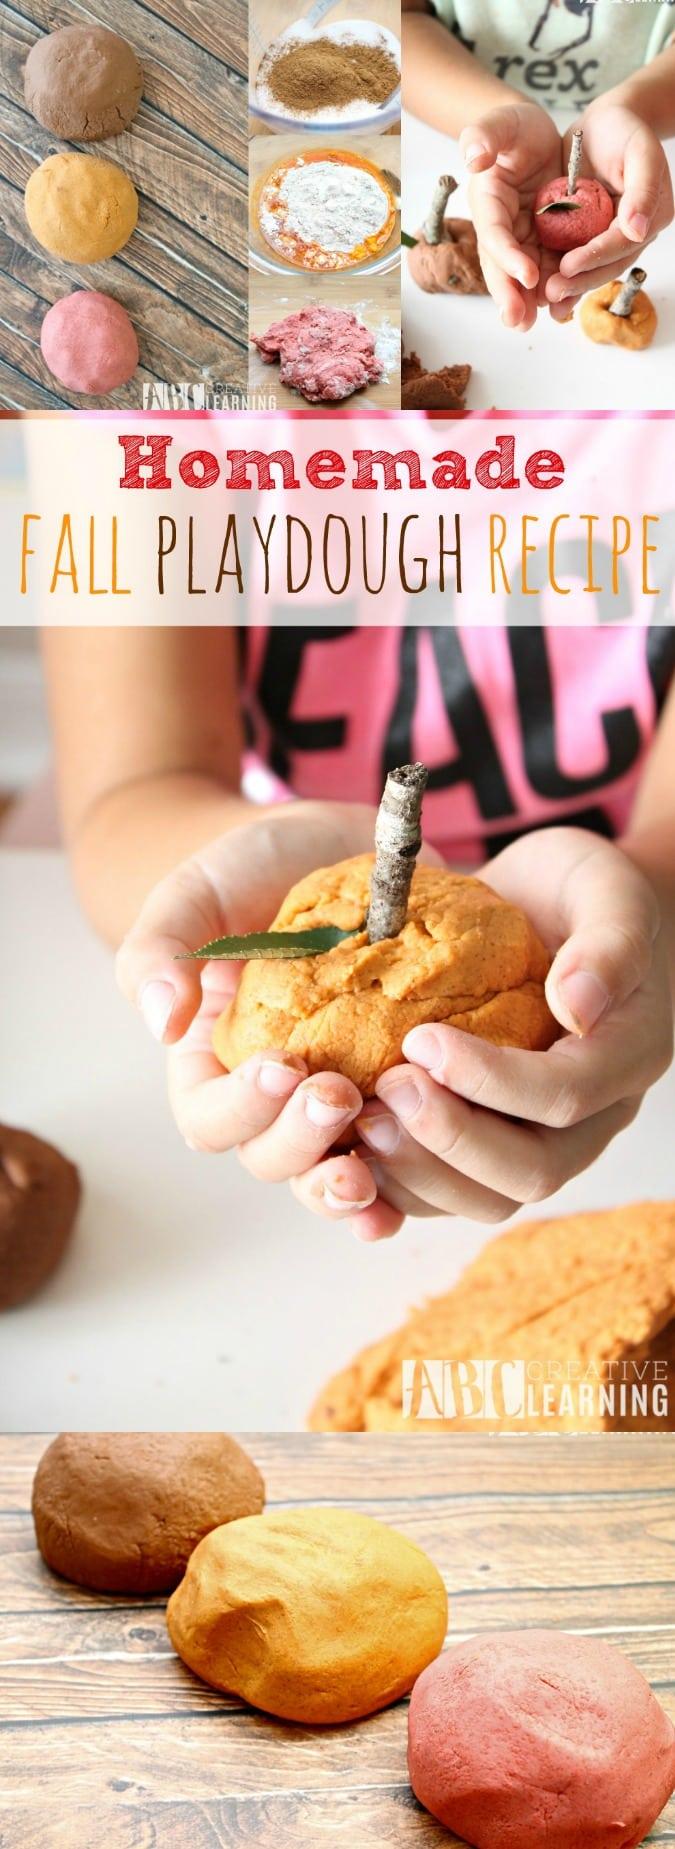 Homemade Fall Playdough Recipe